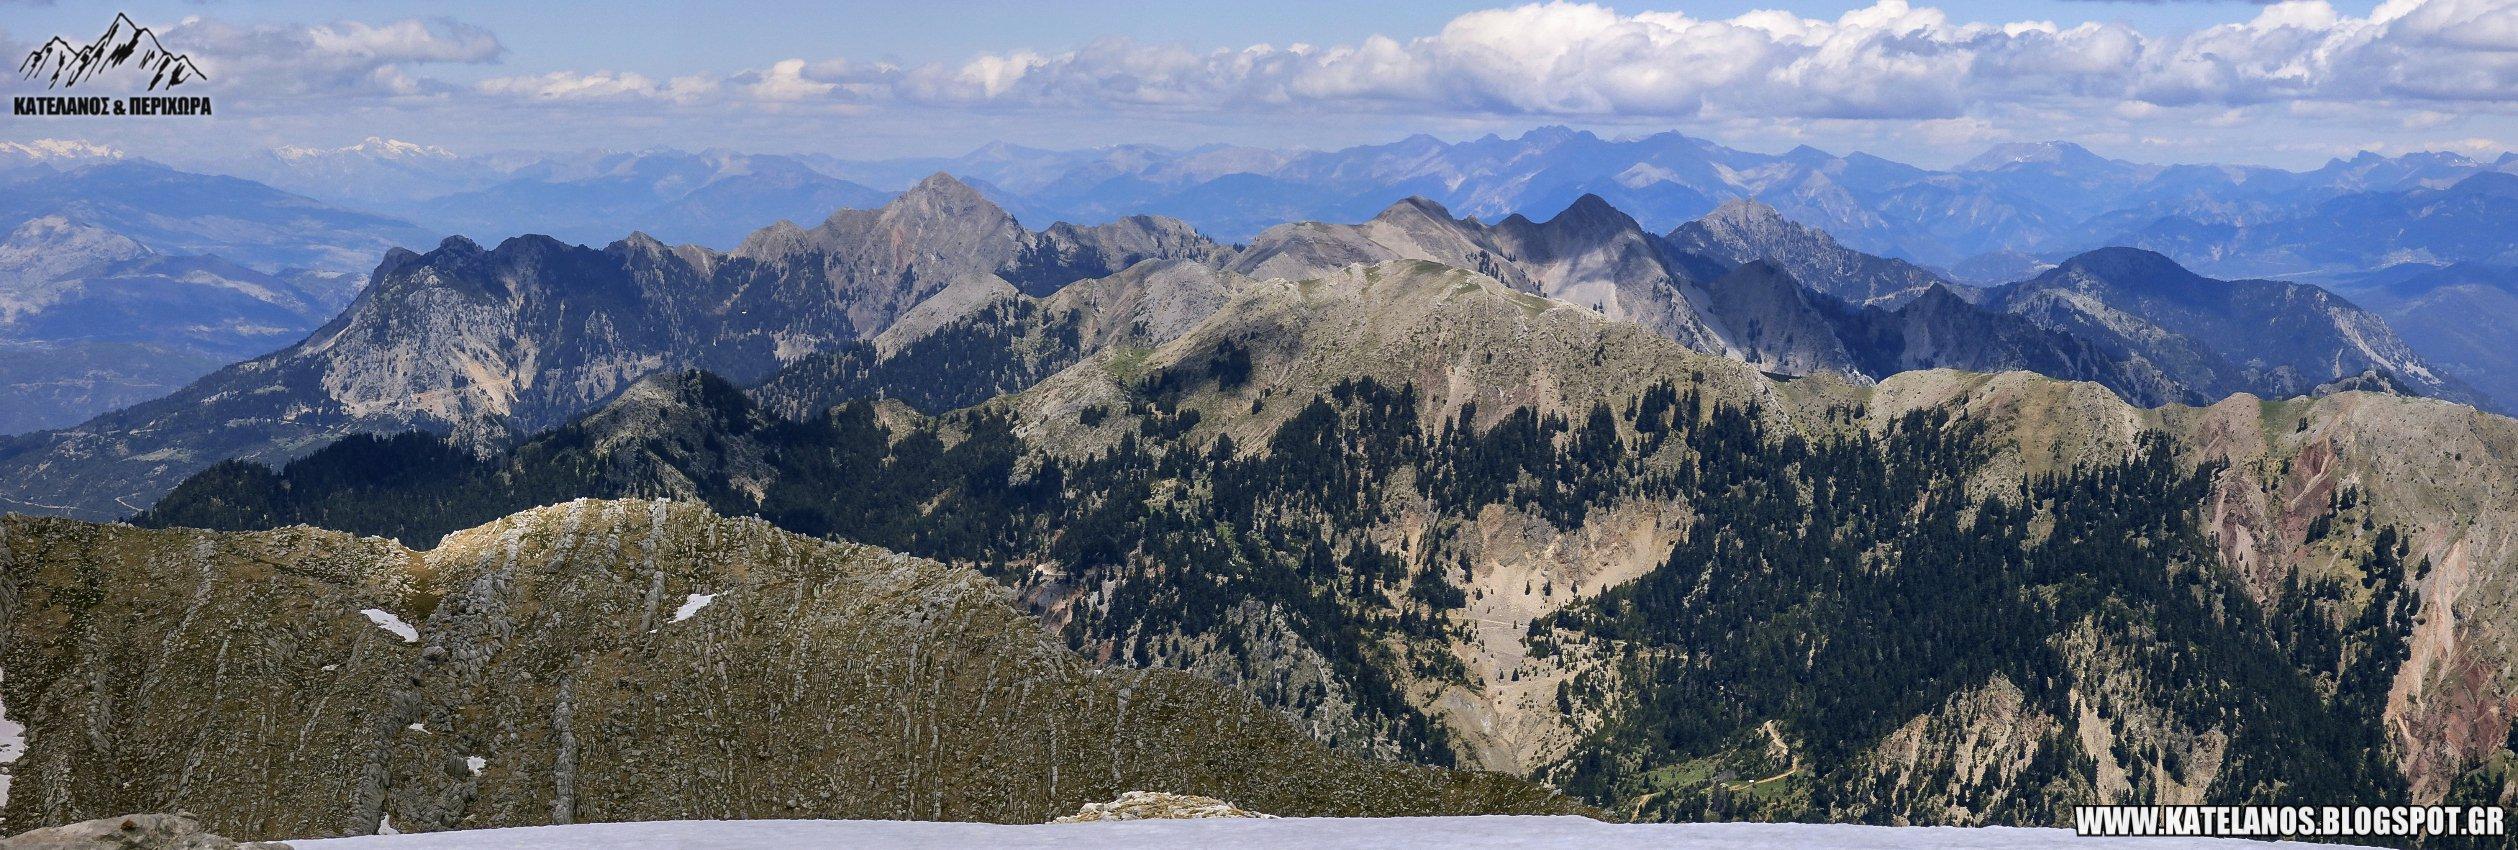 βουνοκορφες παναιτωλικου ορους θεα απο την κορυφη του κατελανου